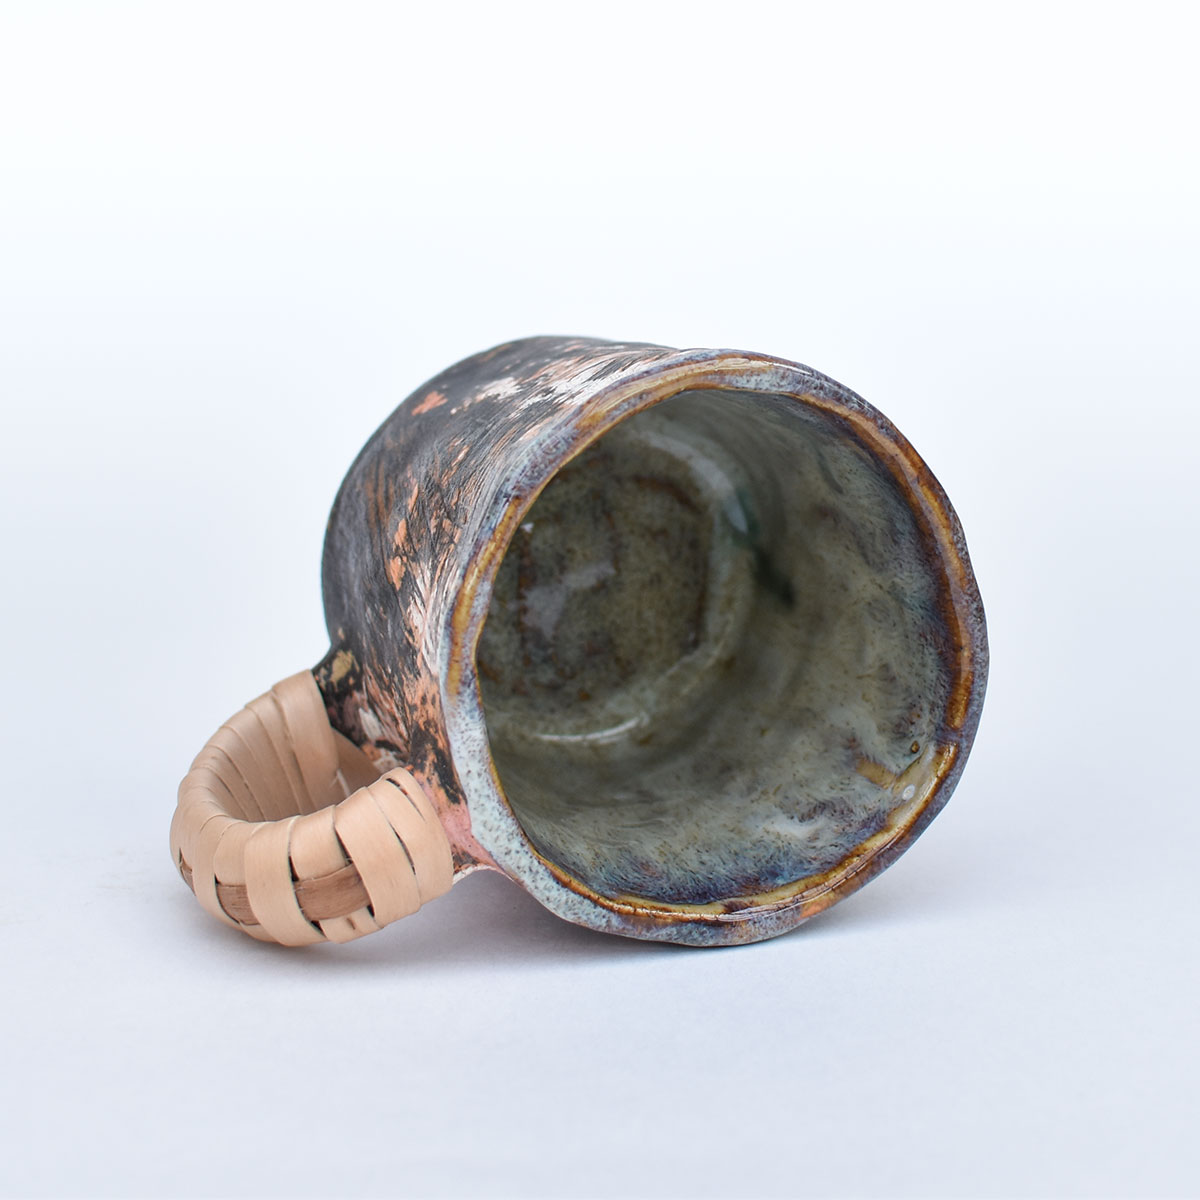 картинка Лепная кружка с оплетенной ручкой 07 - DishWishes.Ru